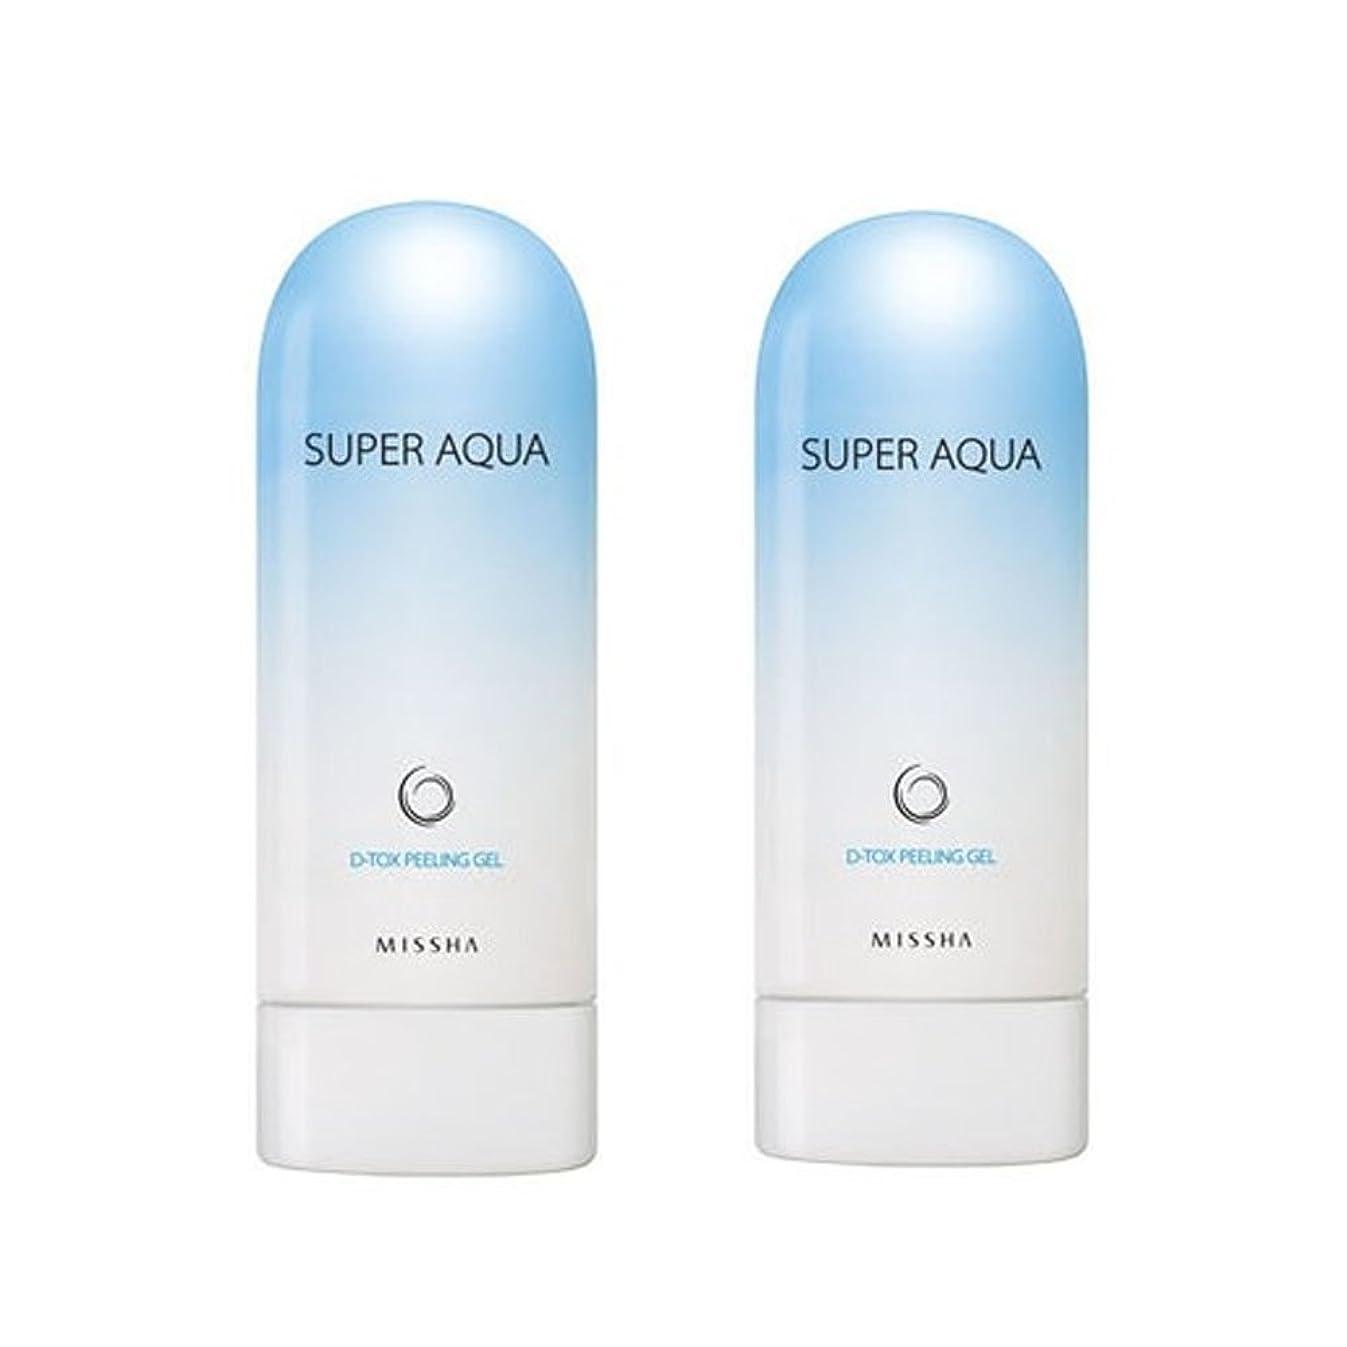 攻撃ネブ寄生虫ミシャスーパーアクアピーリングジェル100ml x 2本セット、MISSHA Super Aqua Peeling Gel 100ml x 2ea Set [並行輸入品]